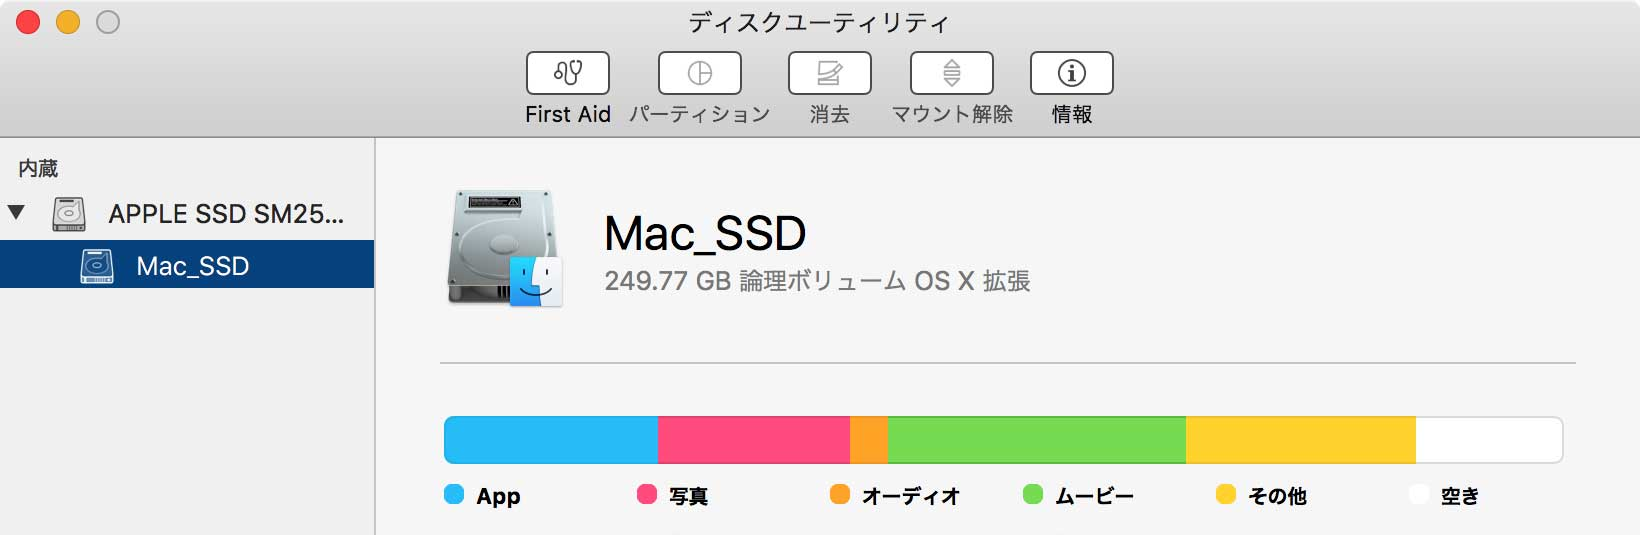 ■MacOSX 10.11 El Capitanでディスクのアクセス権を修復する方法